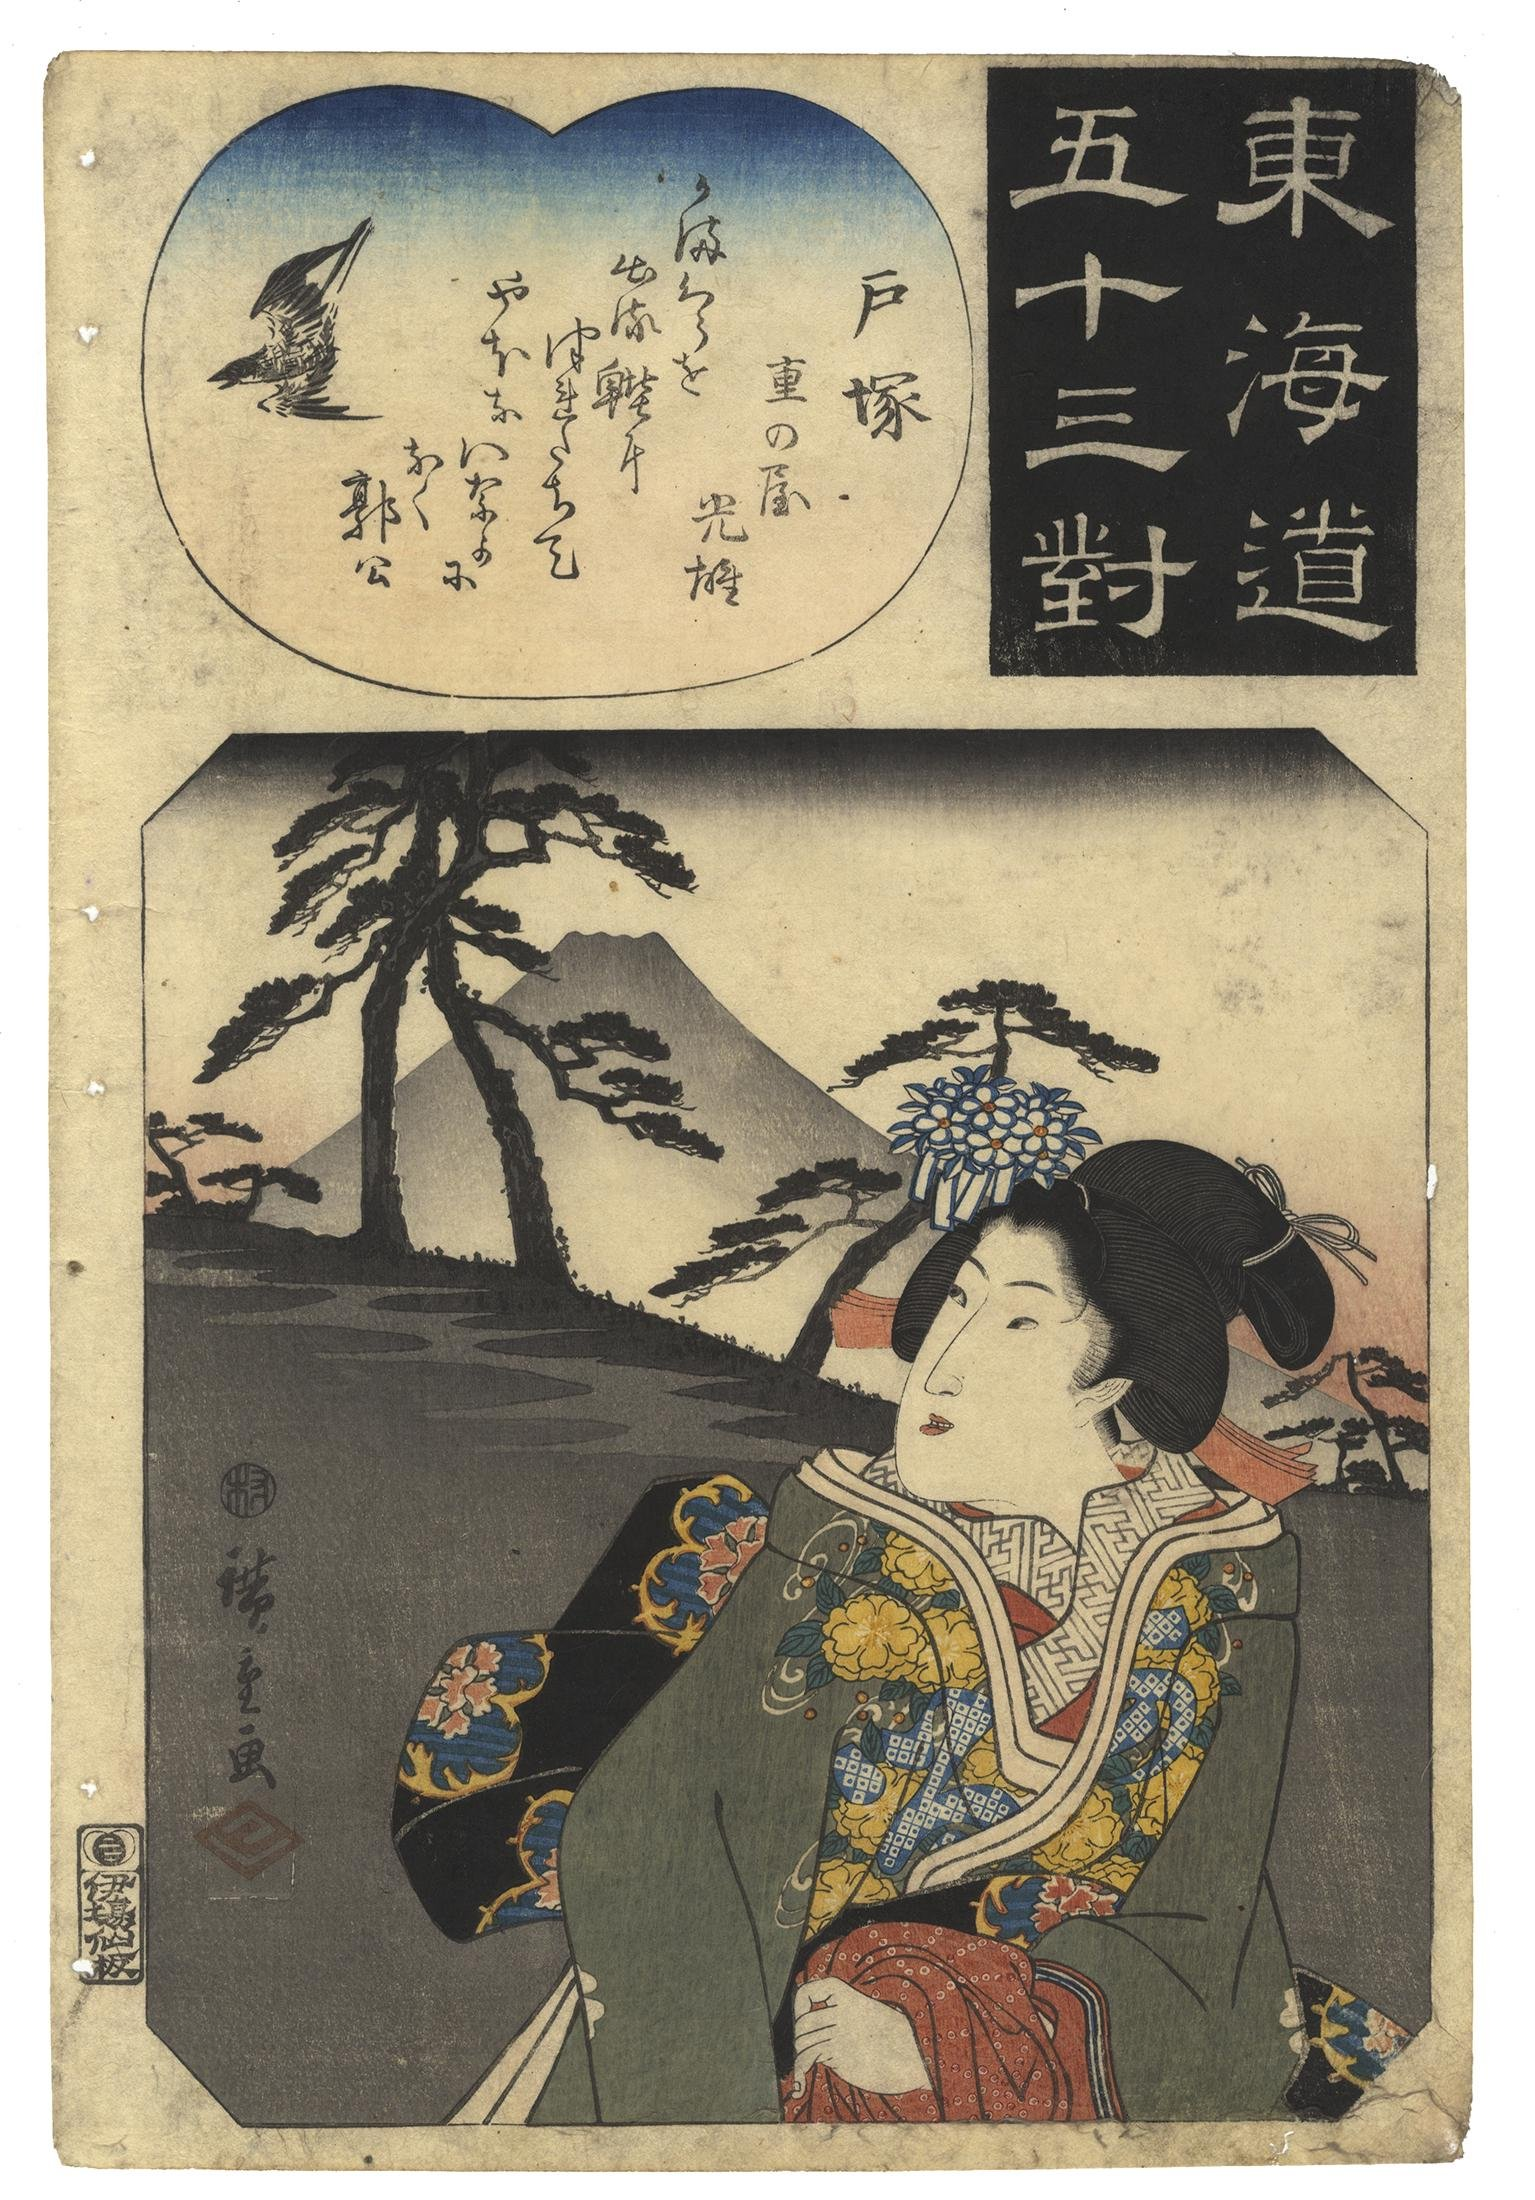 Kuniyoshi Utagawa, Stations, Travel, Japanese woodblock